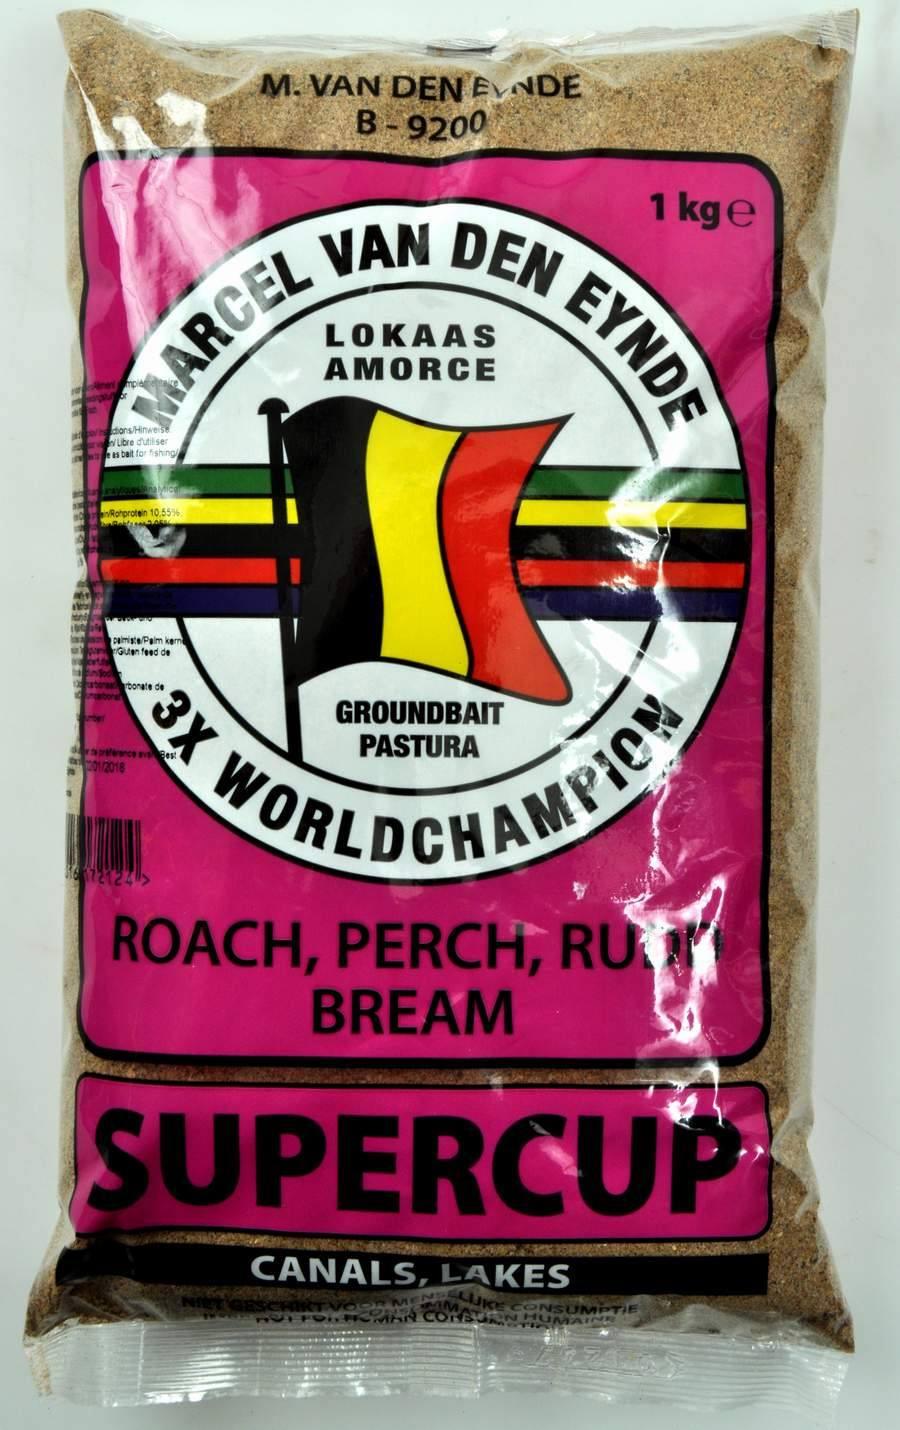 M.V.D. Eynde Super Cup